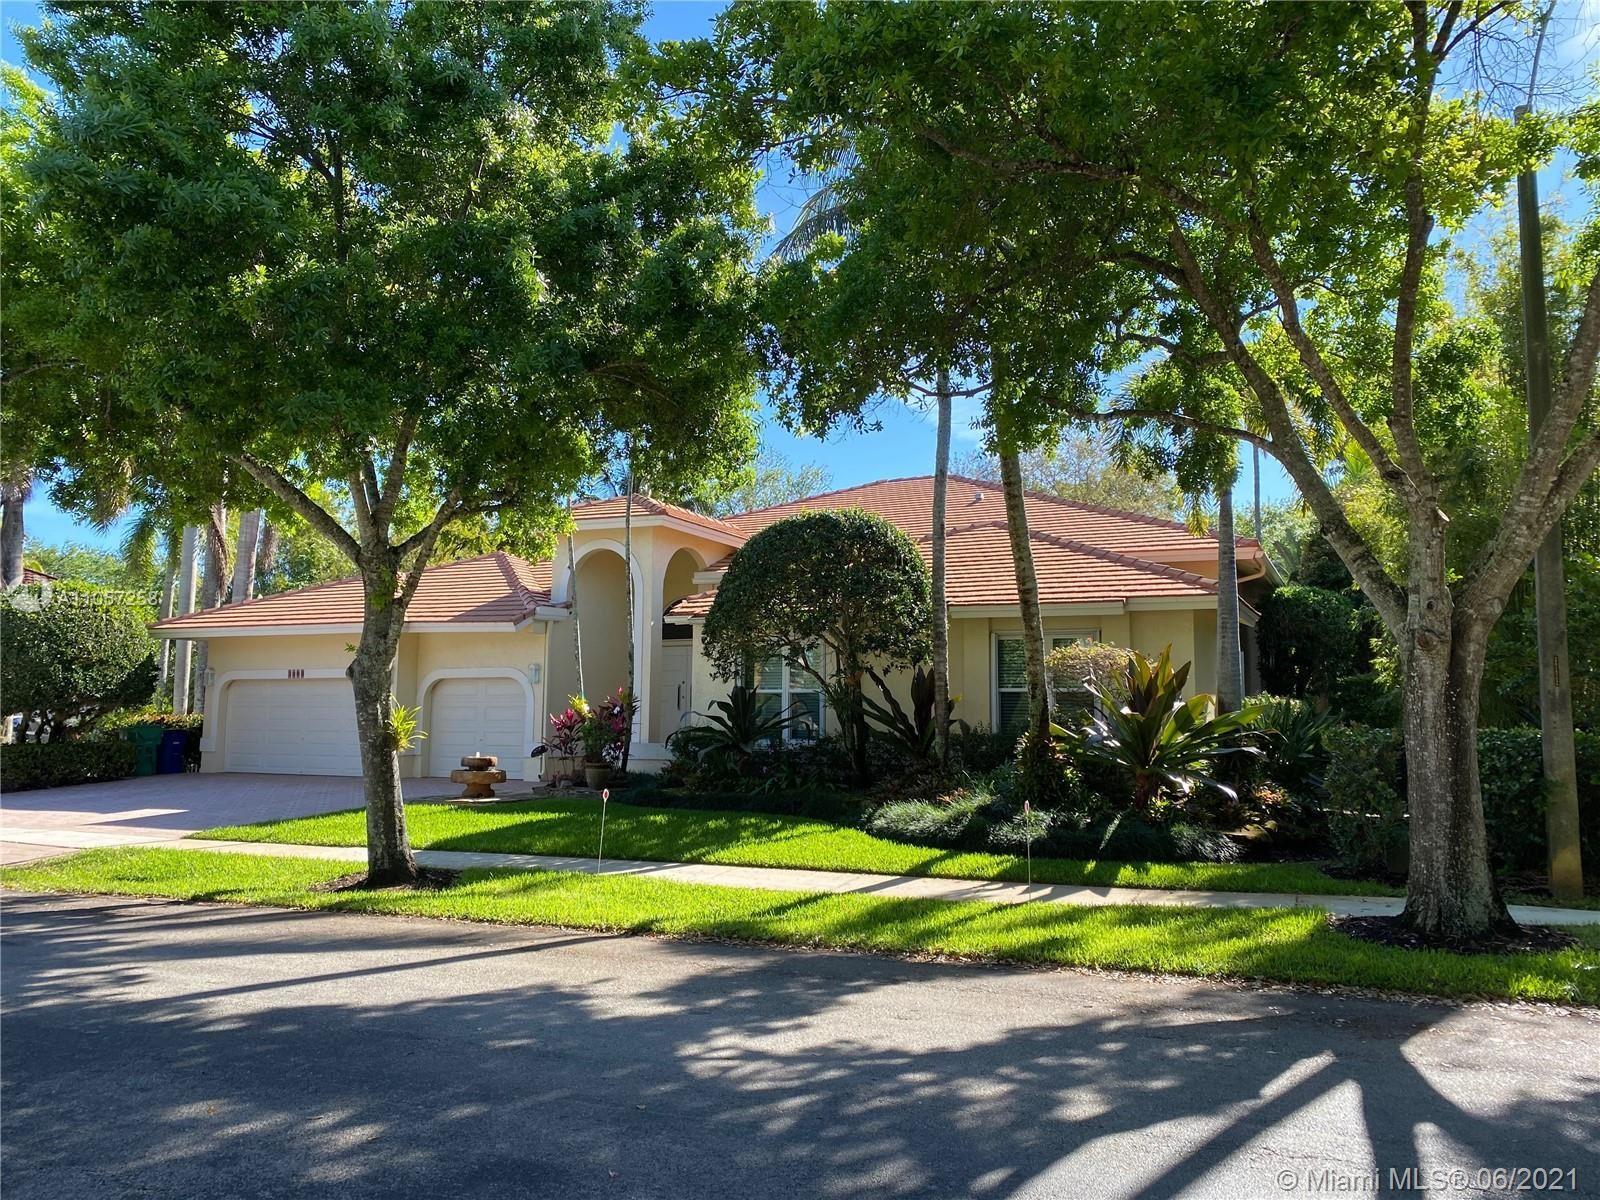 3845 Carson Ave, Cooper City, FL 33026 - #: A11057258